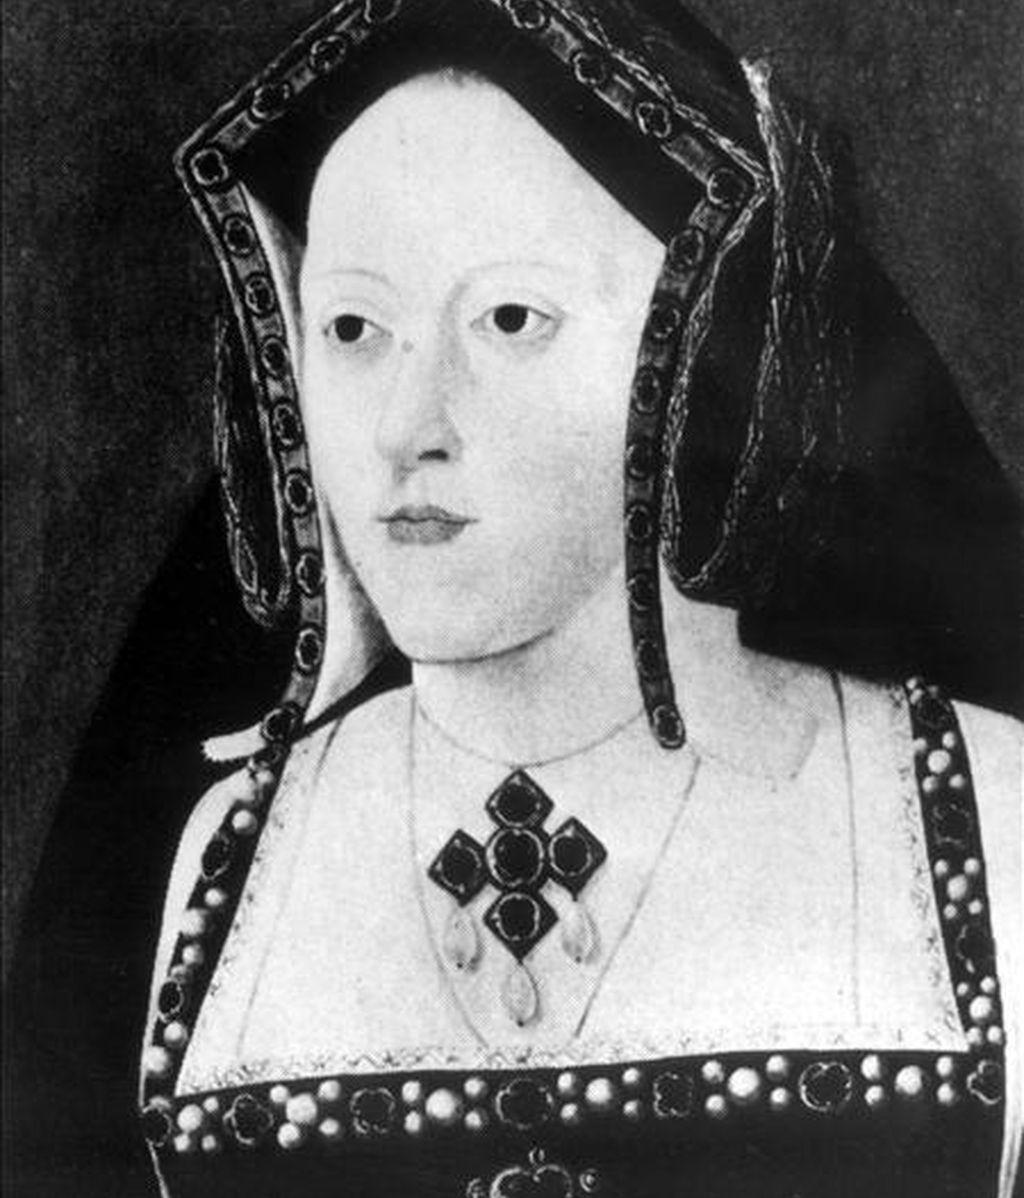 Retrato de Catalina de Aragón, primera esposa del rey Enrique VIII de Inglaterra. Esta princesa española nacida en Alcalá de Henares era hija de los Reyes Católicos y reina consorte de Inglaterra. EFE/Archivo